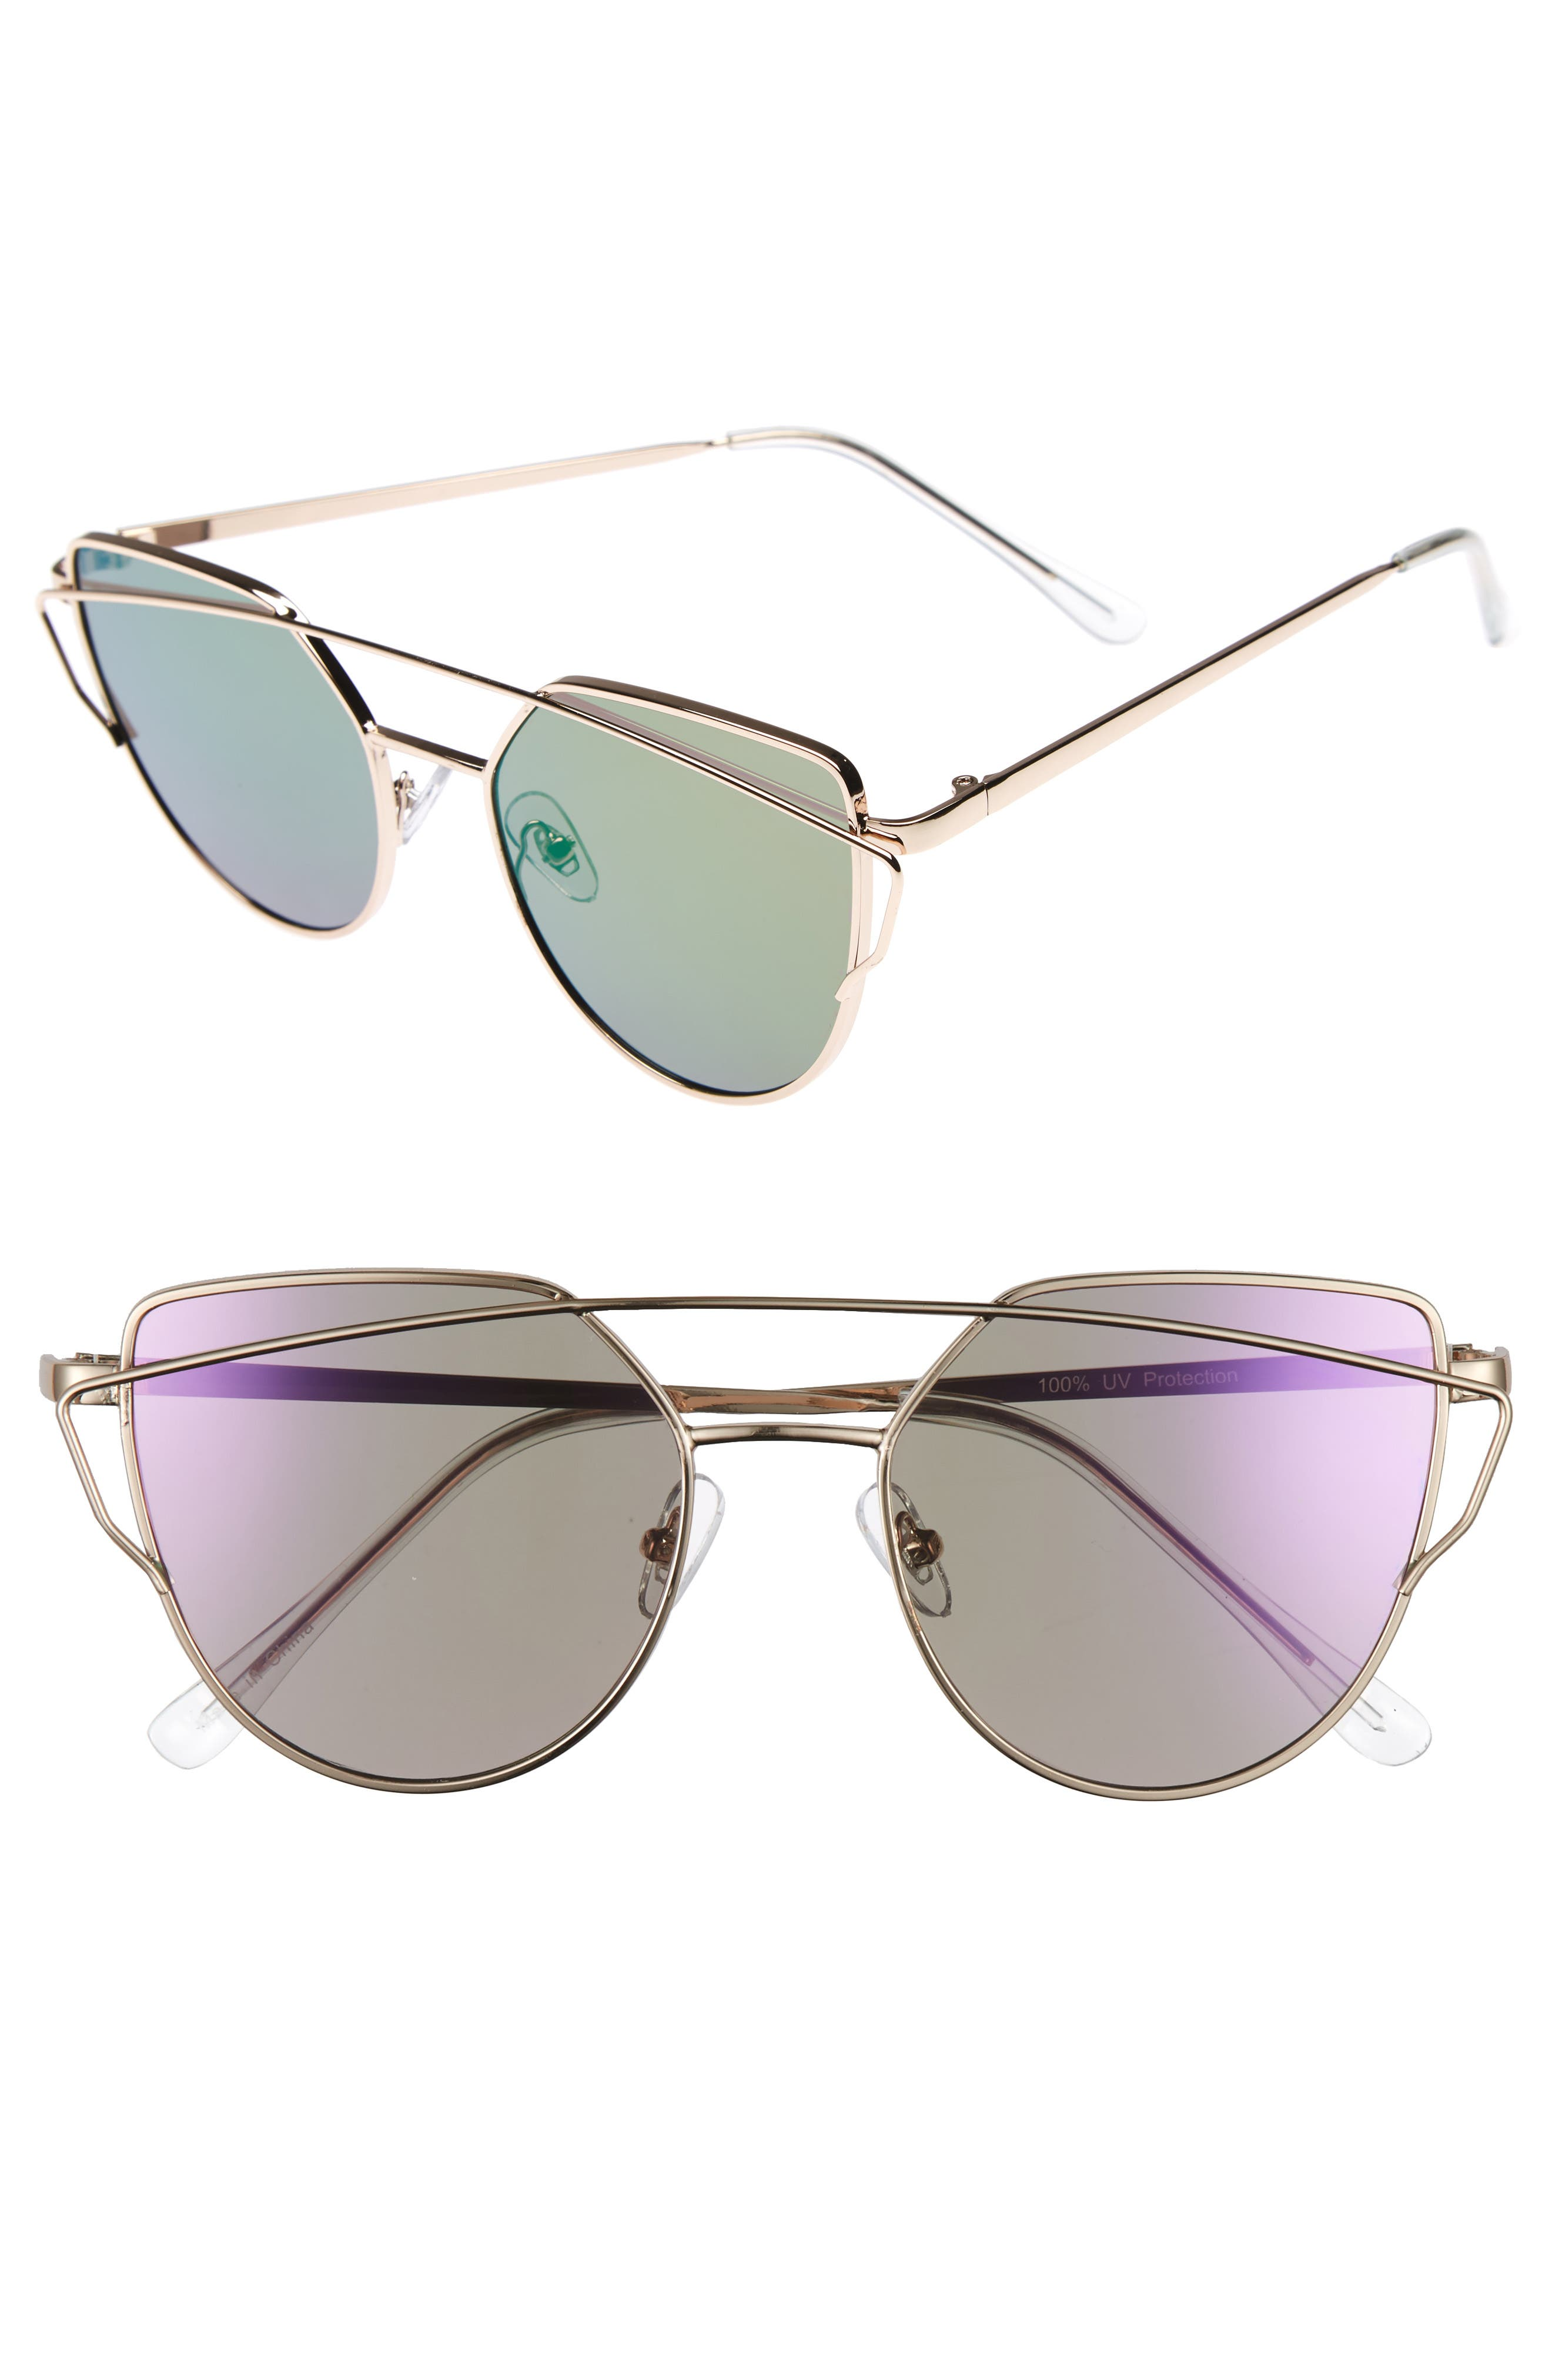 Main Image - BP. 51mm Thin Brow Angular Aviator Sunglasses